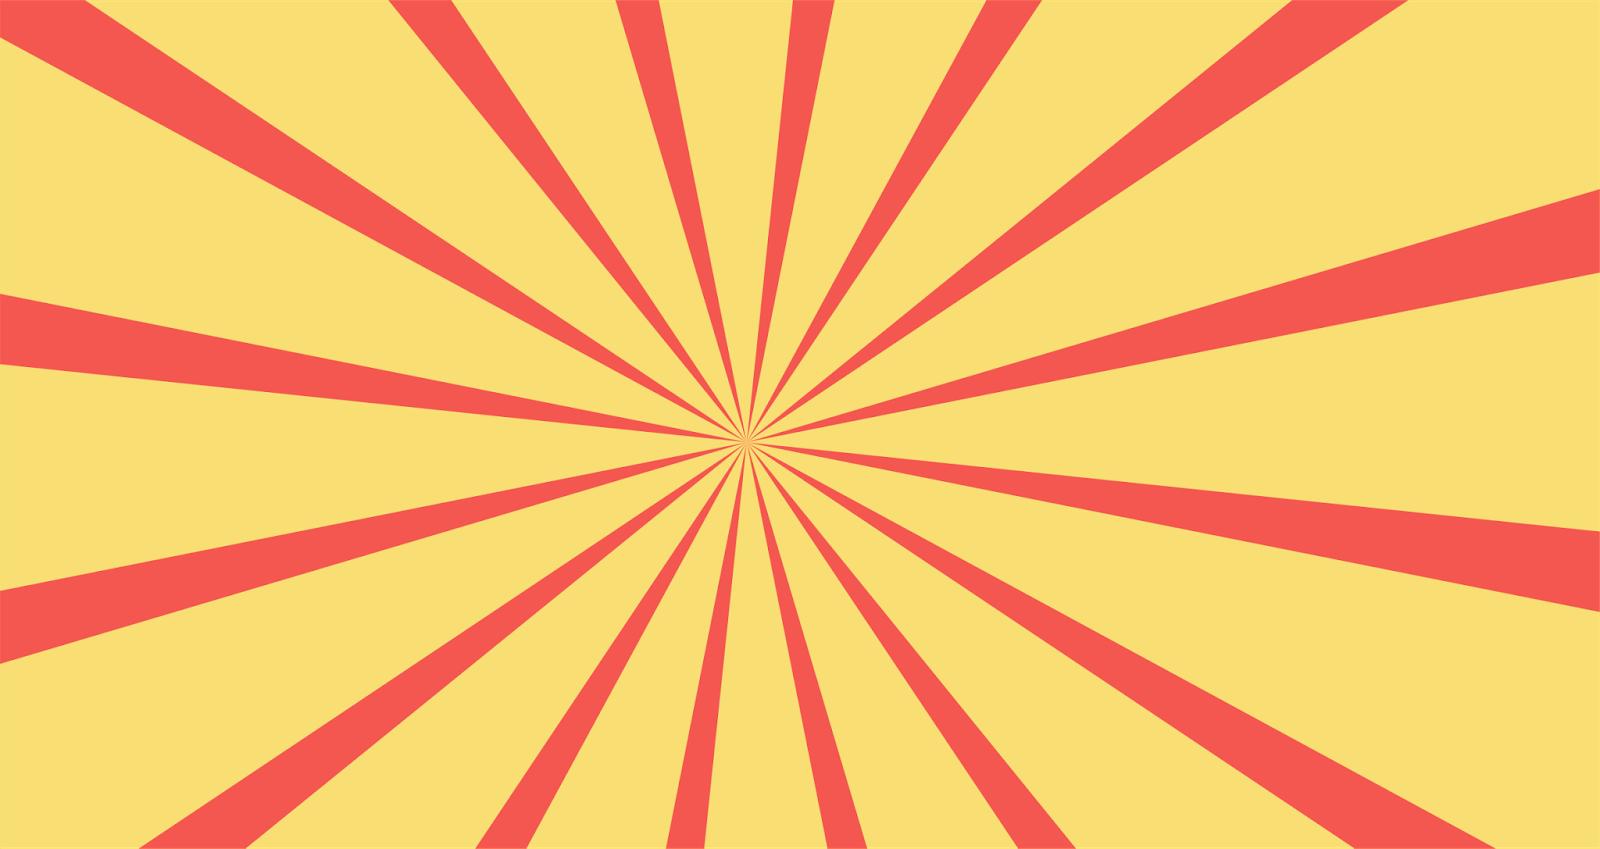 Membuat Background Poster dengan Polygon tool di Corel Draw | Belajar ...